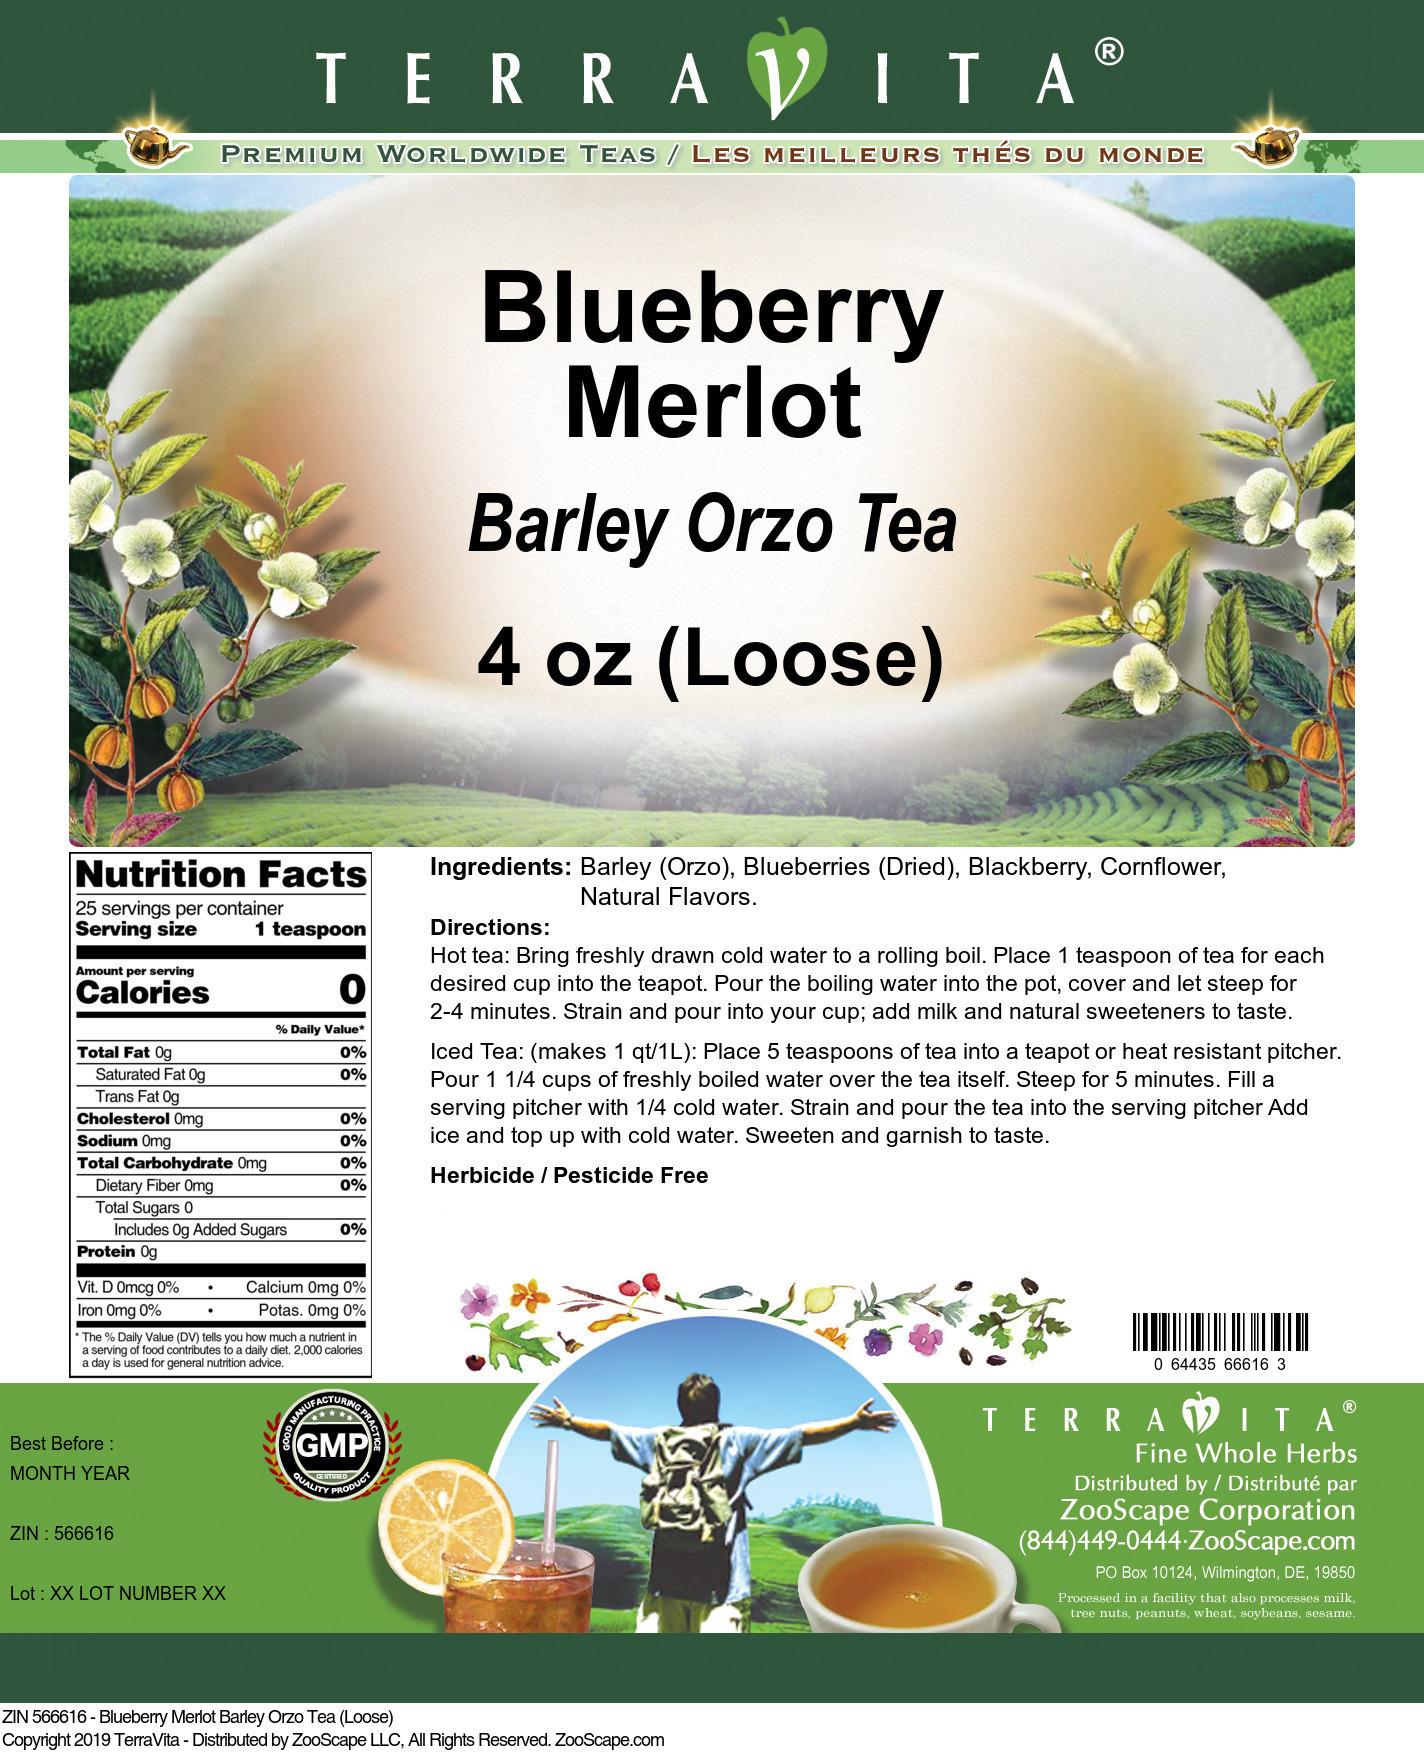 Blueberry Merlot Barley Orzo Tea (Loose)